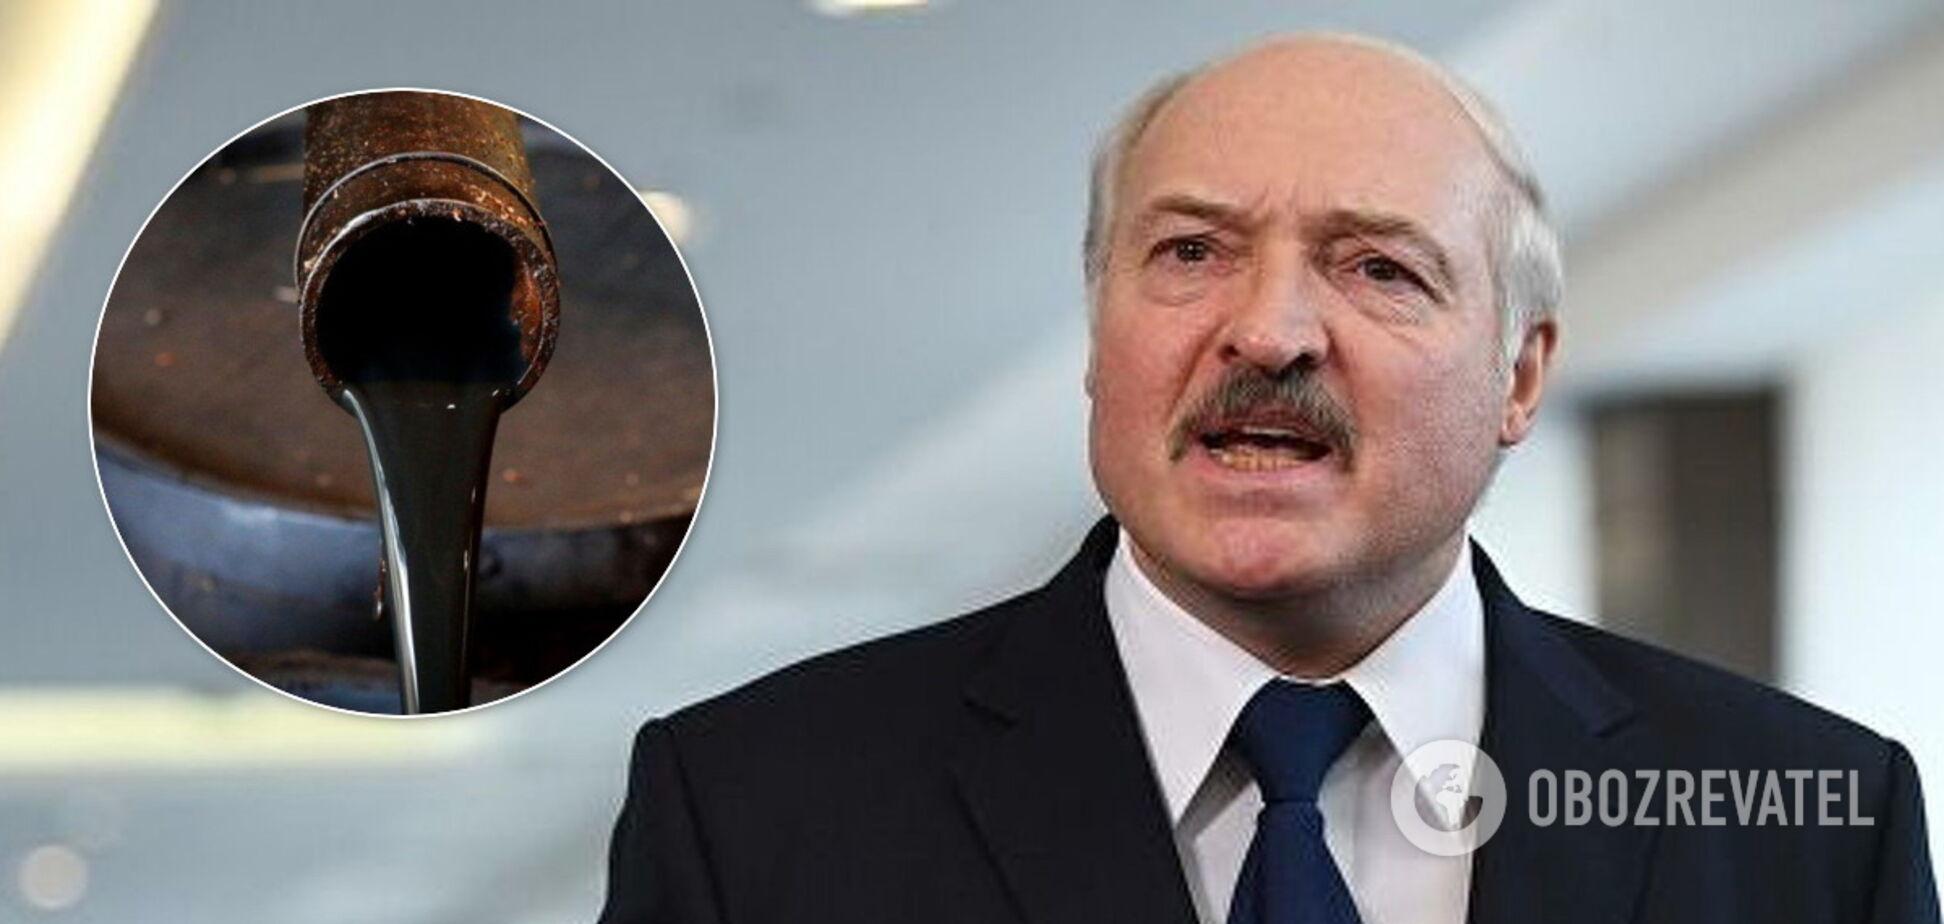 Лукашенко призвал не выпрашивать у России газ и нефть